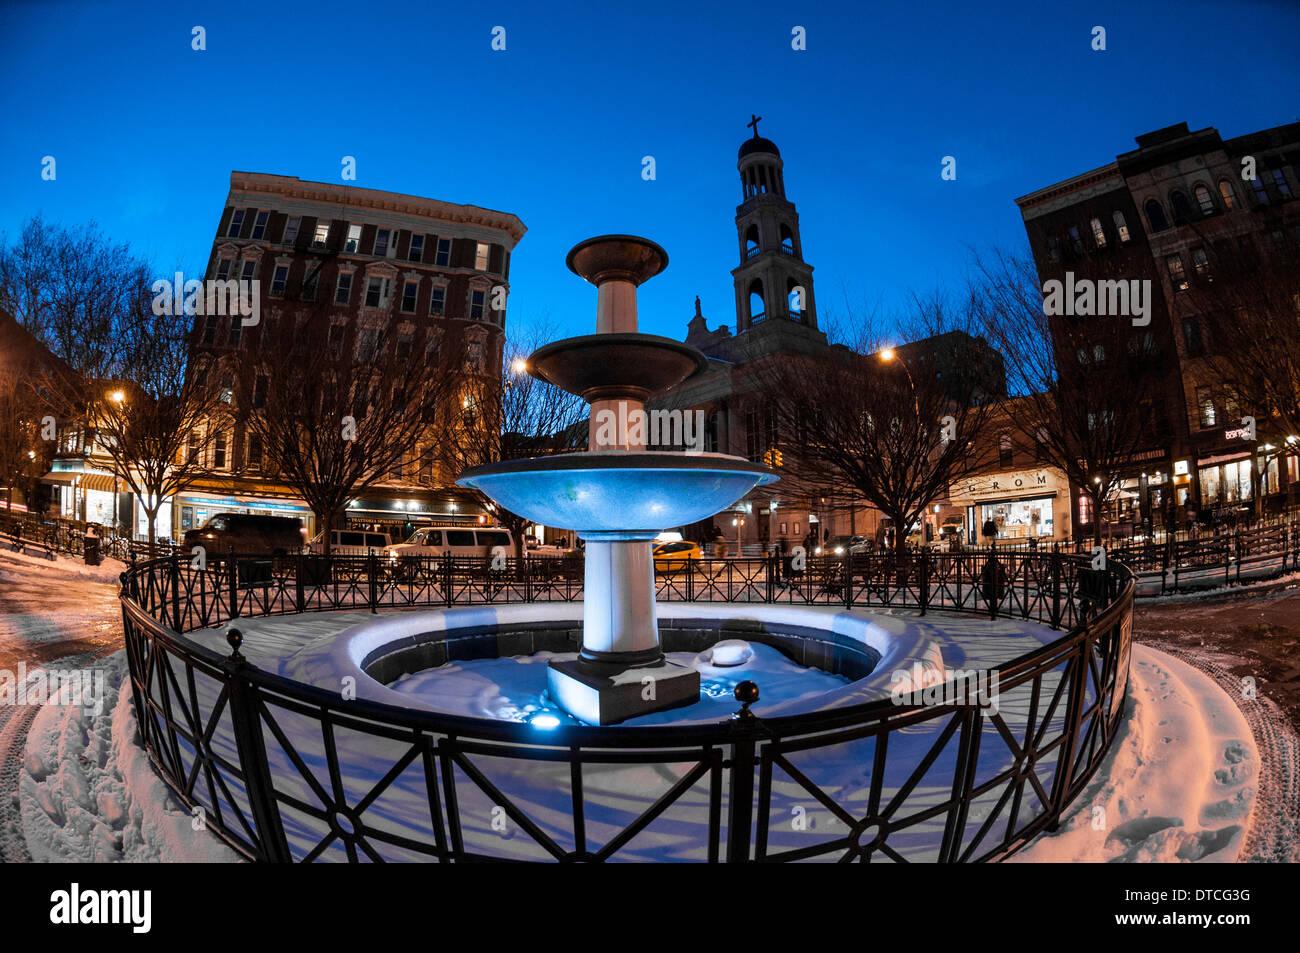 New York, NY 22 Janvier 2014 - fontaine couverte de neige en père Demo Square à Greenwich Village Photo Stock